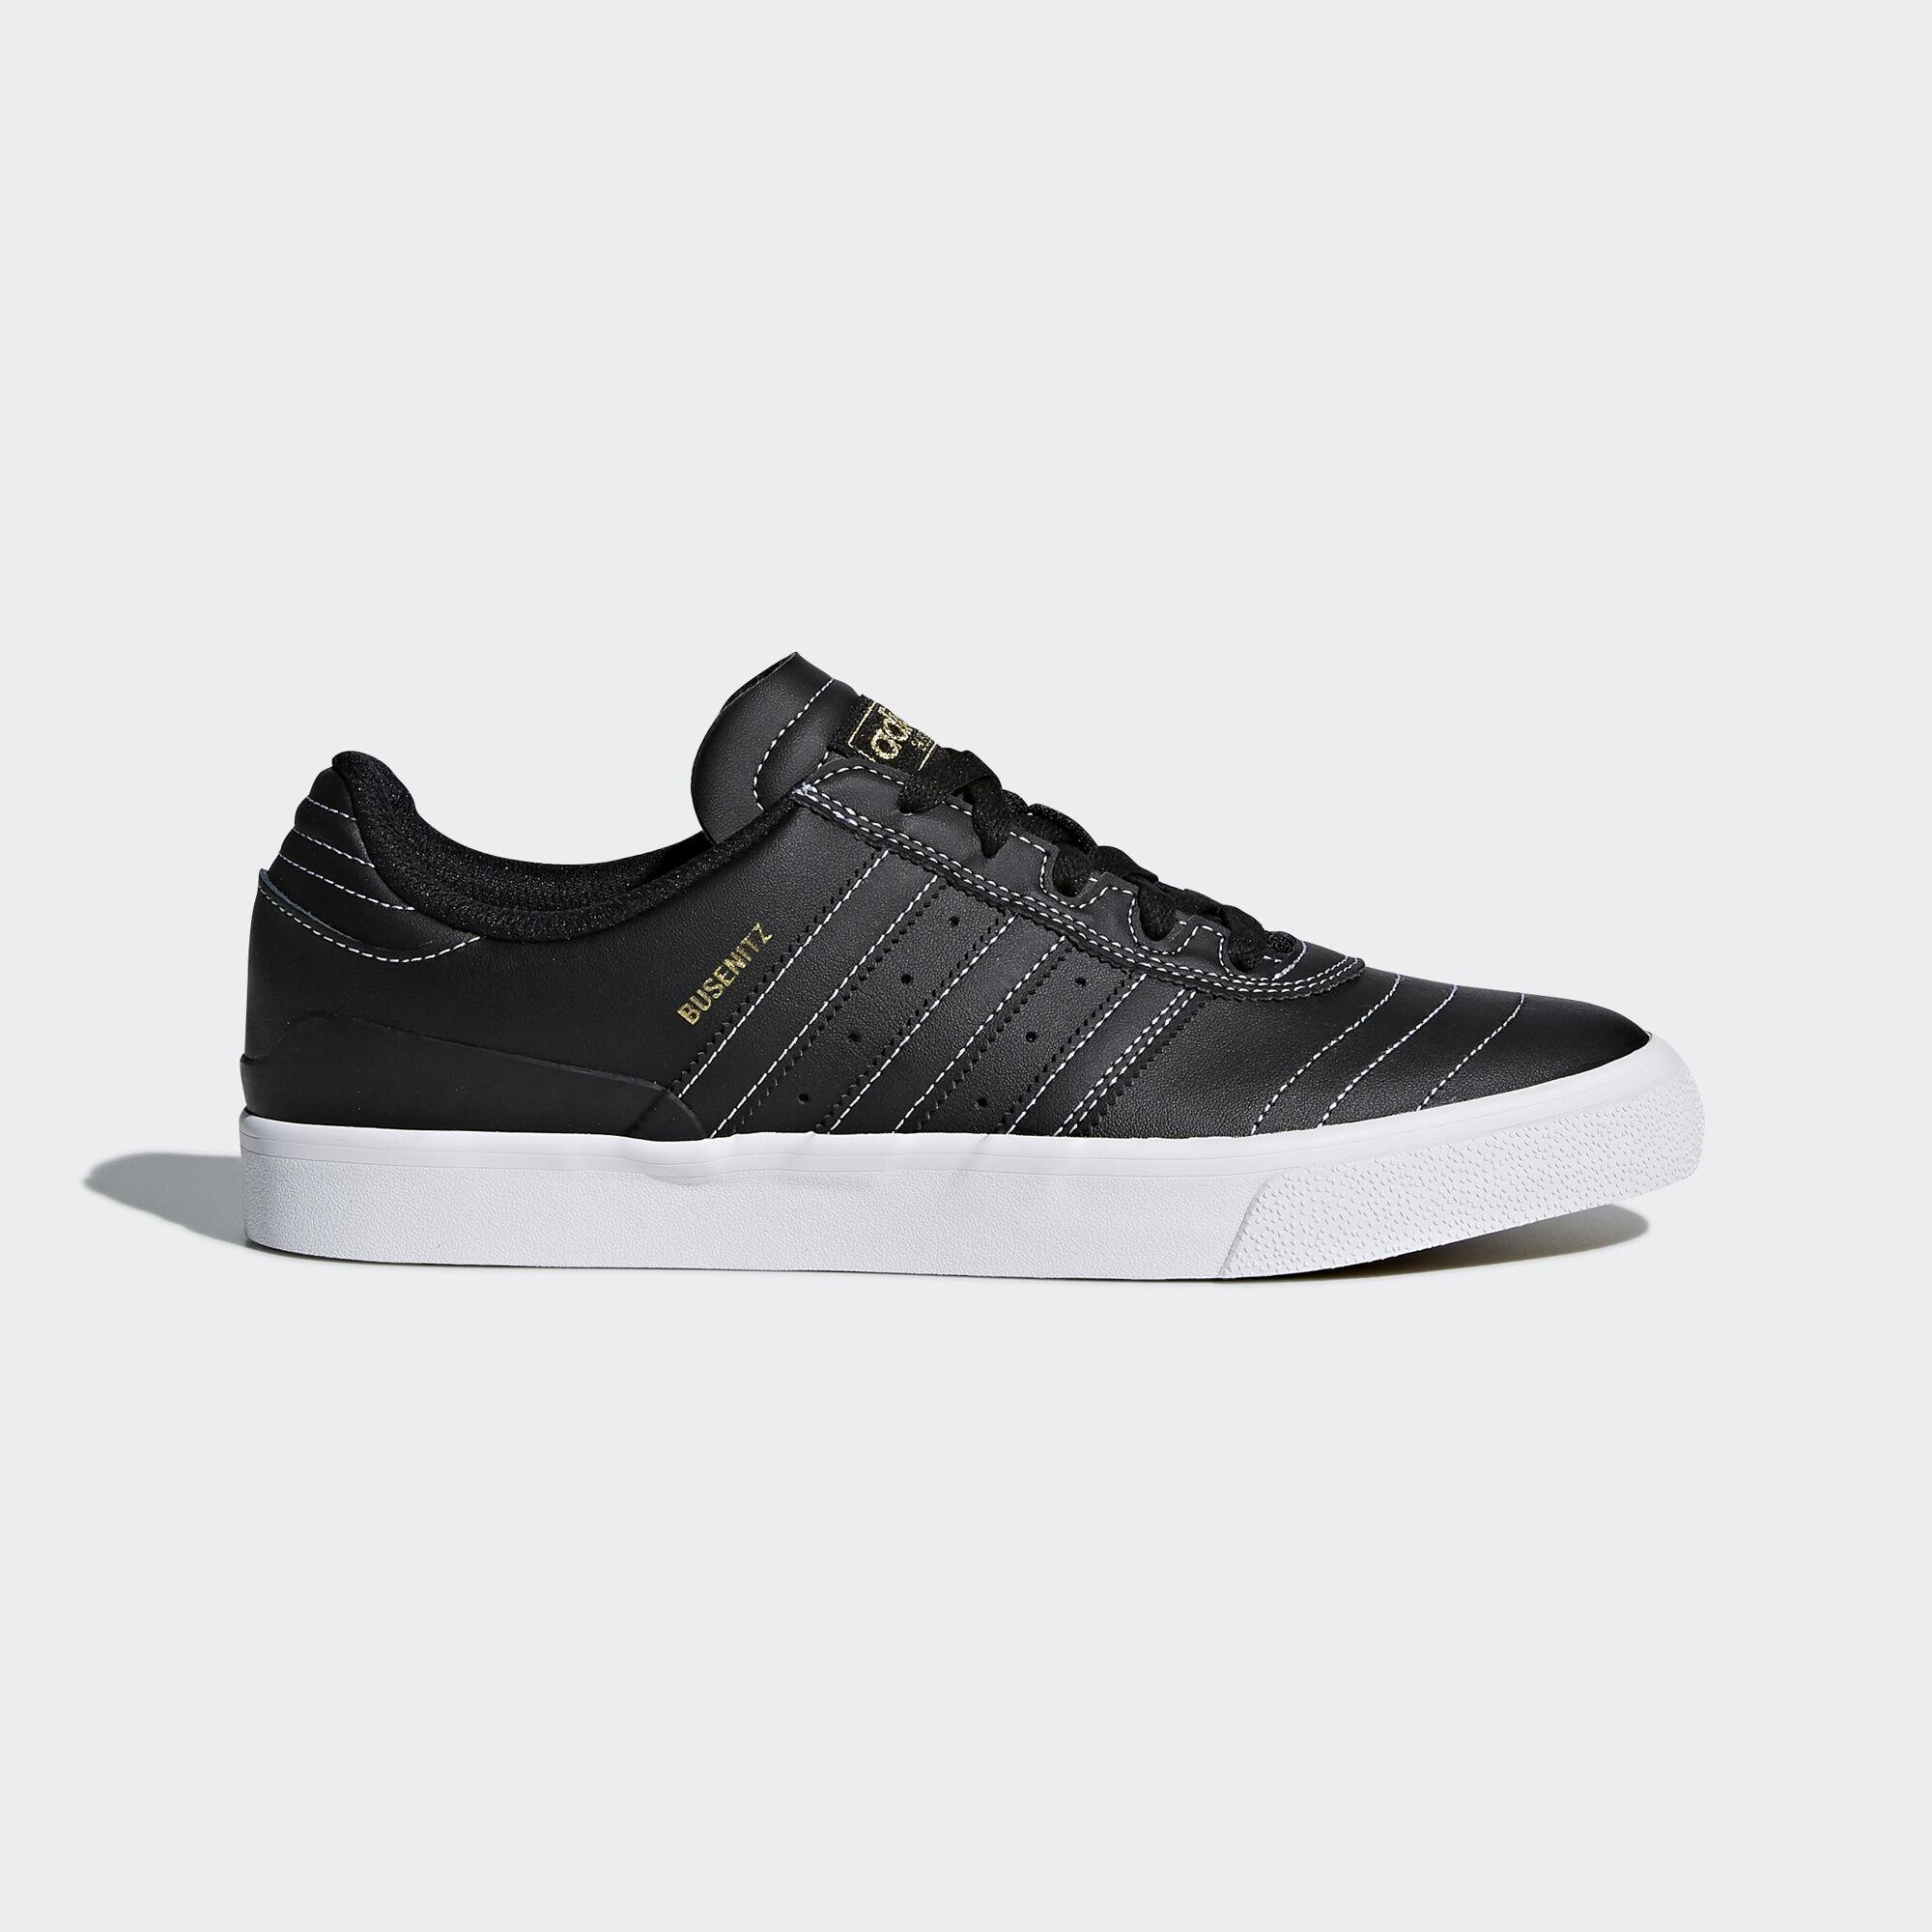 adidas - Busenitz Vulc Shoes Core Black/Core Black/Ftwr White CQ1167. Men  Originals